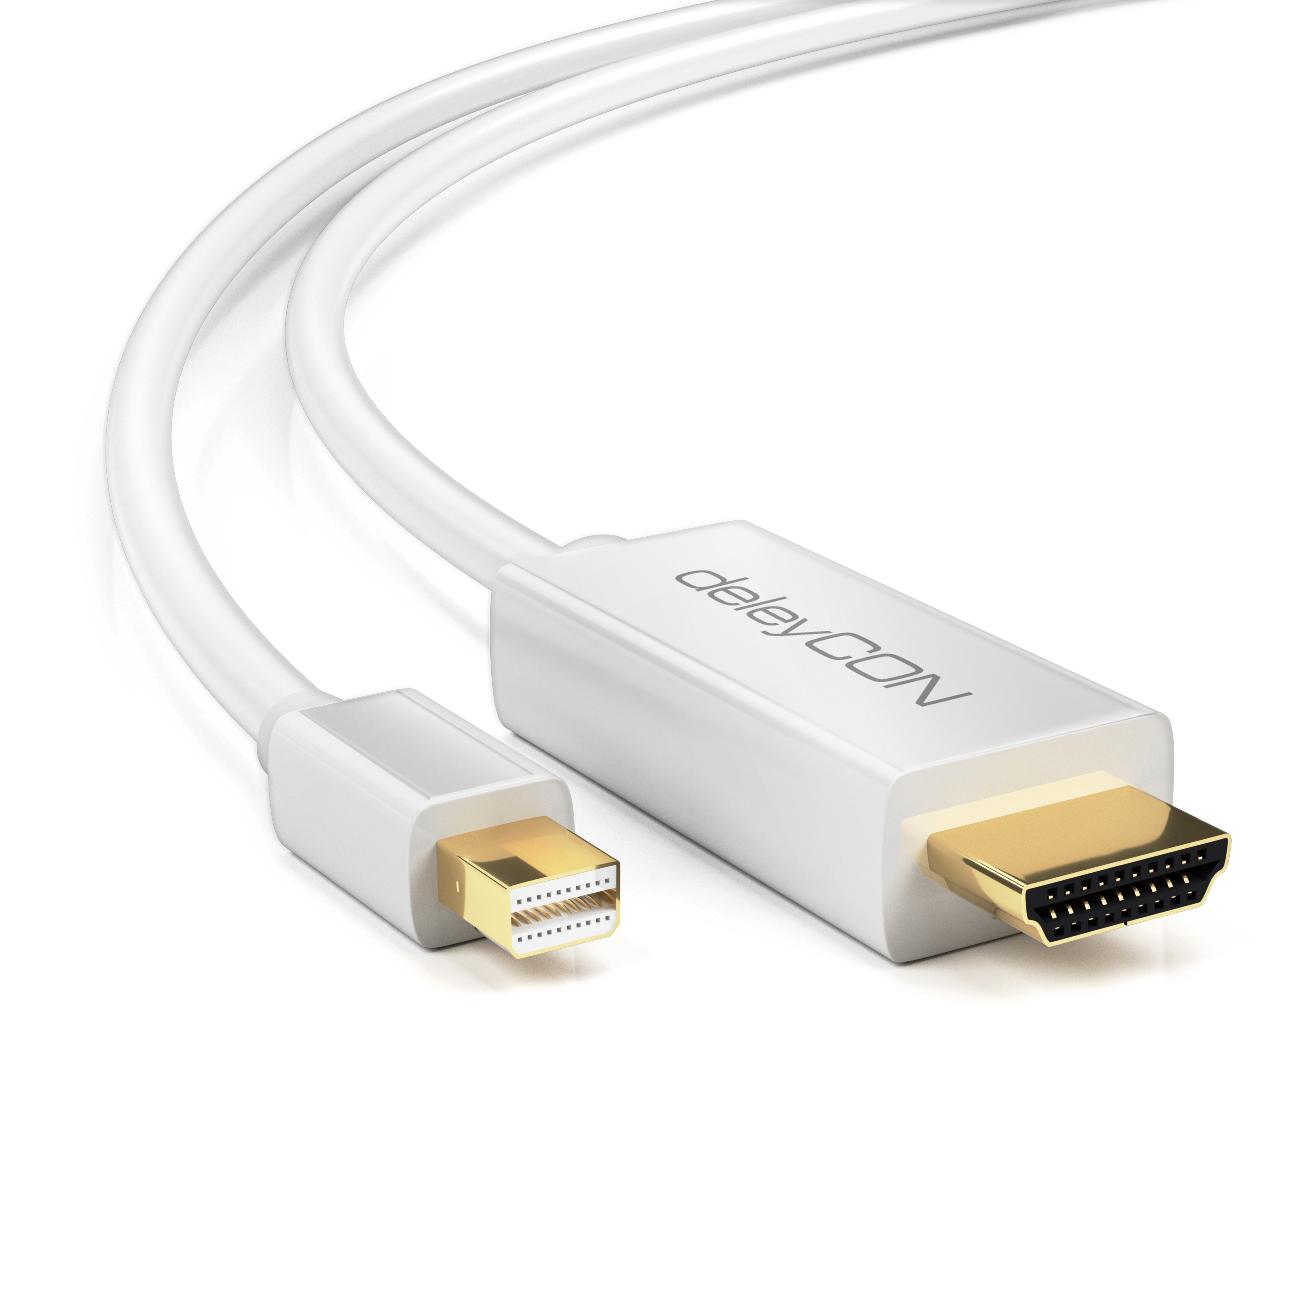 Deleycon Mini Displayport Zu Hdmi Kabel Macbook Pro To Wiring Diagram